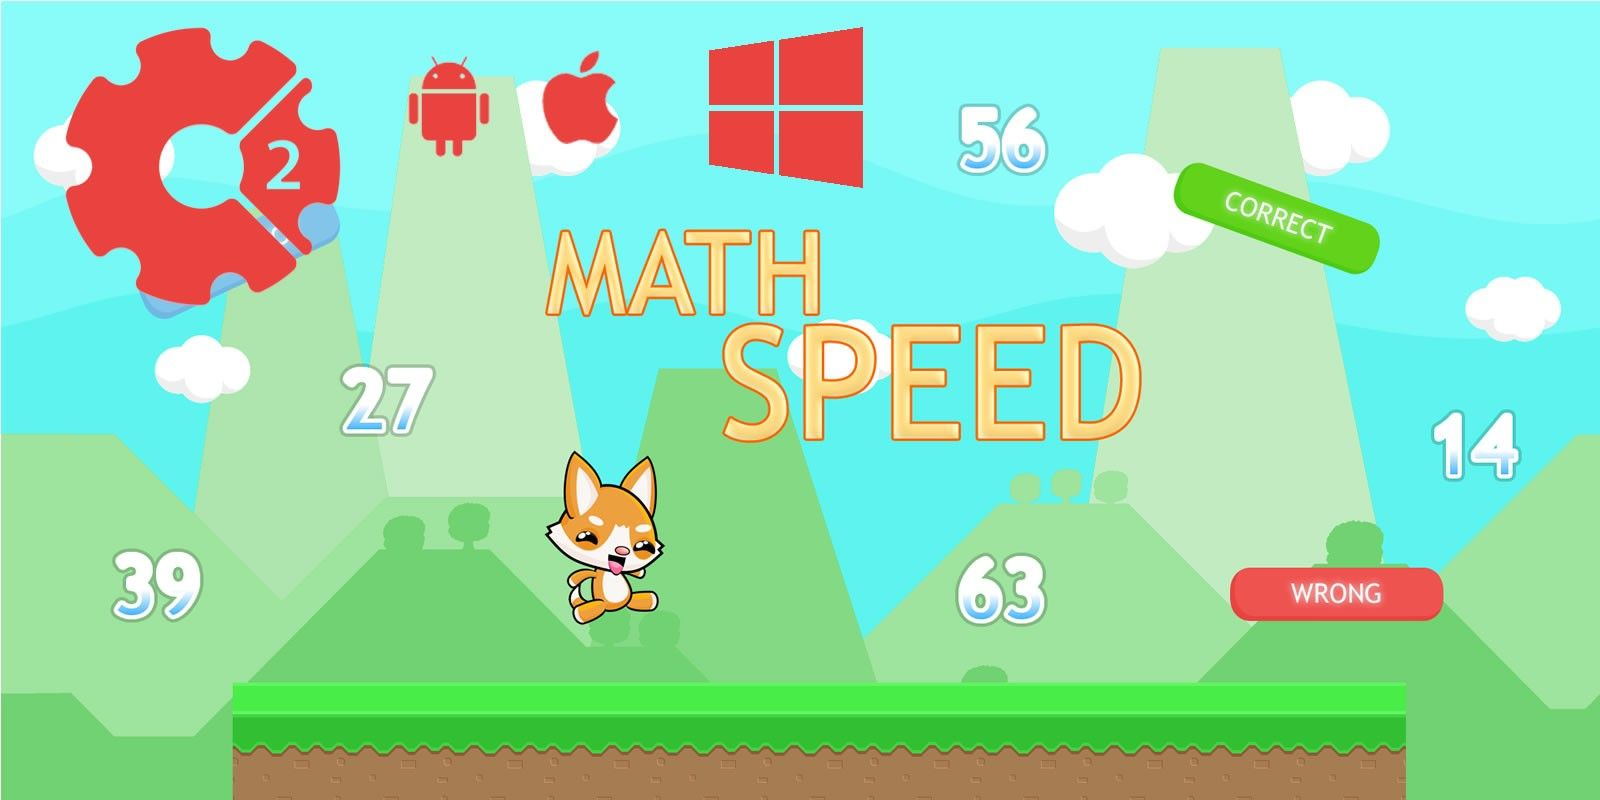 تنزيل برنامج Construct 2 كونستراكت لصنع ألعاب للكمبيوتر مجانا برابط مباشر Math Character Family Guy